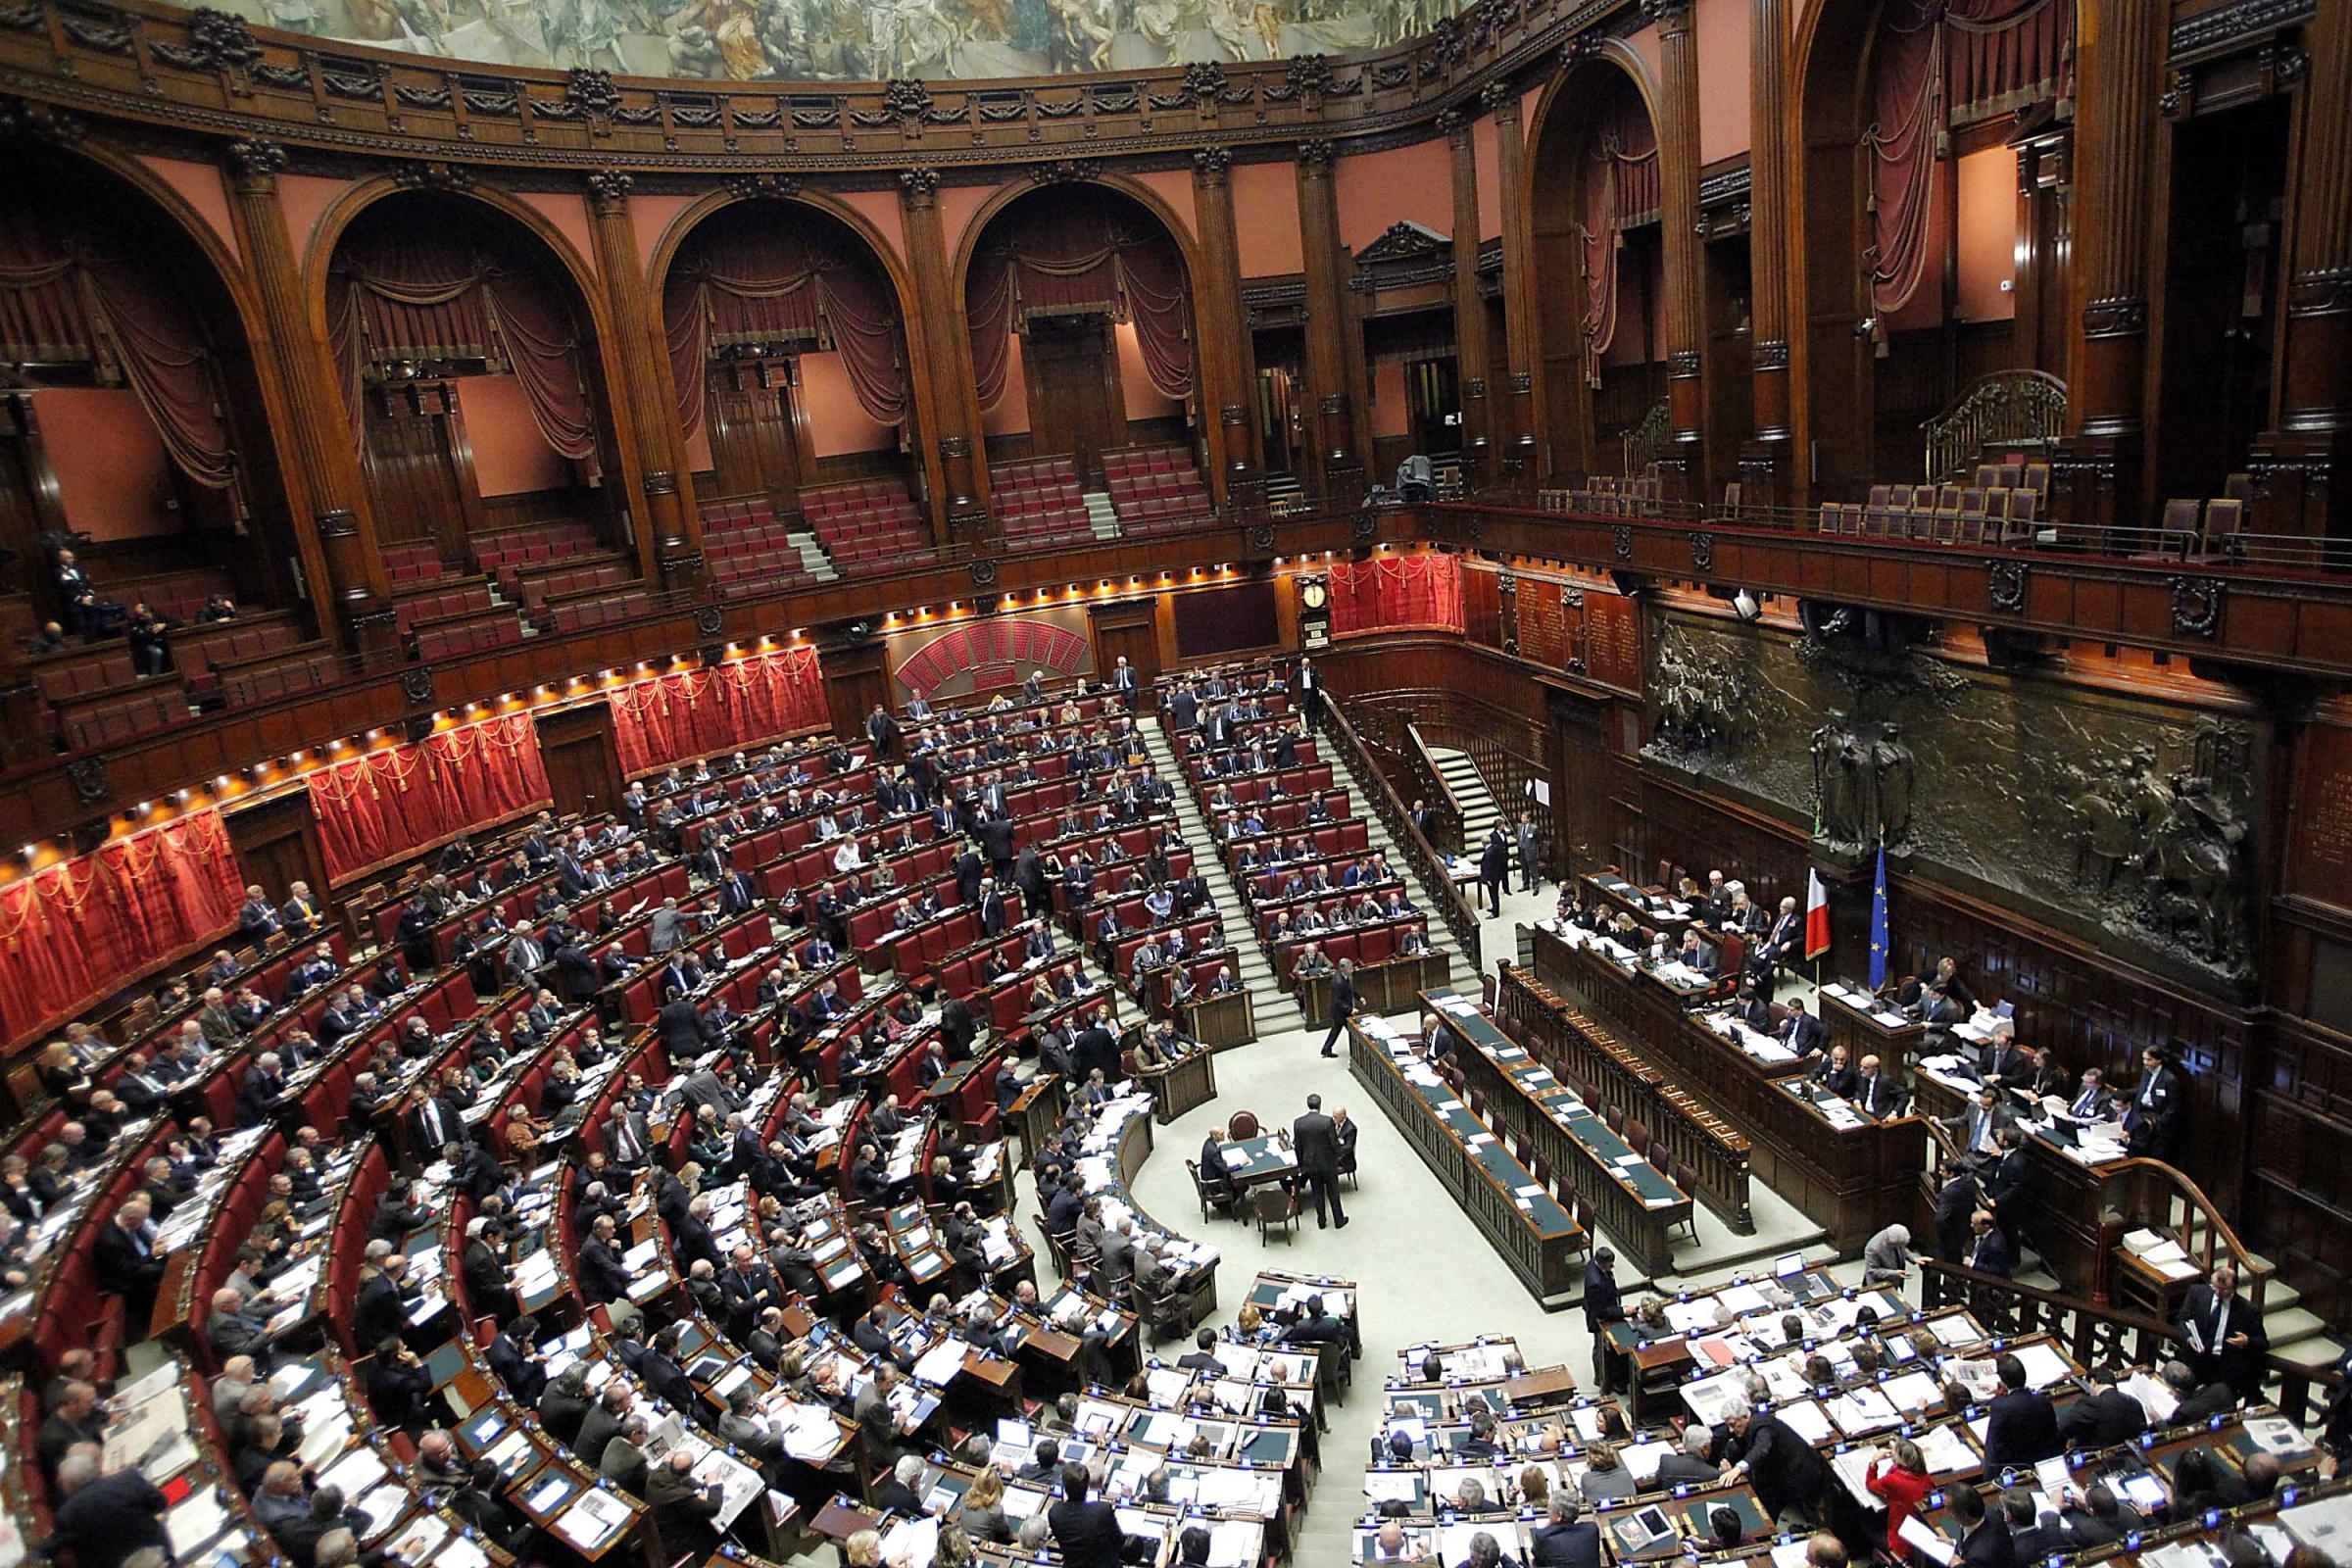 Ecco i politici italiani che sono da pi tempo in for Elenco politici italiani